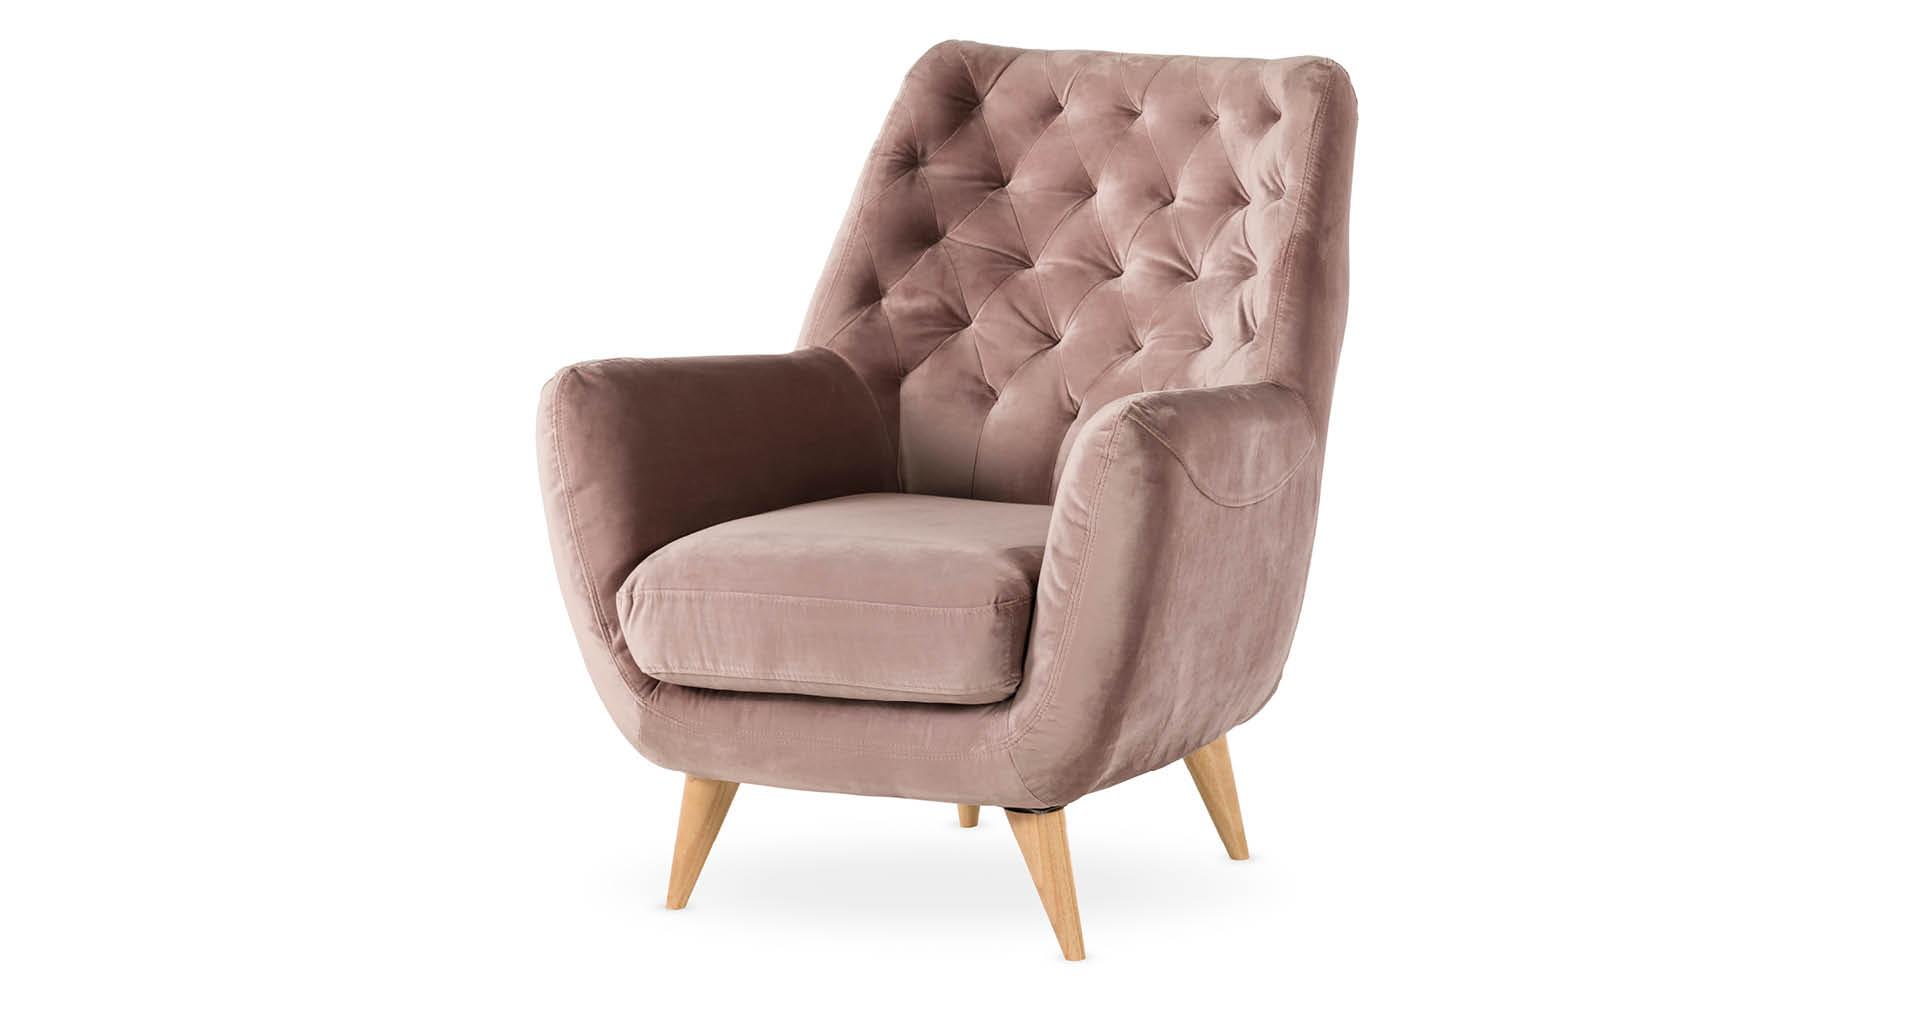 כורסא ברטיל בגוון ורוד מעושן